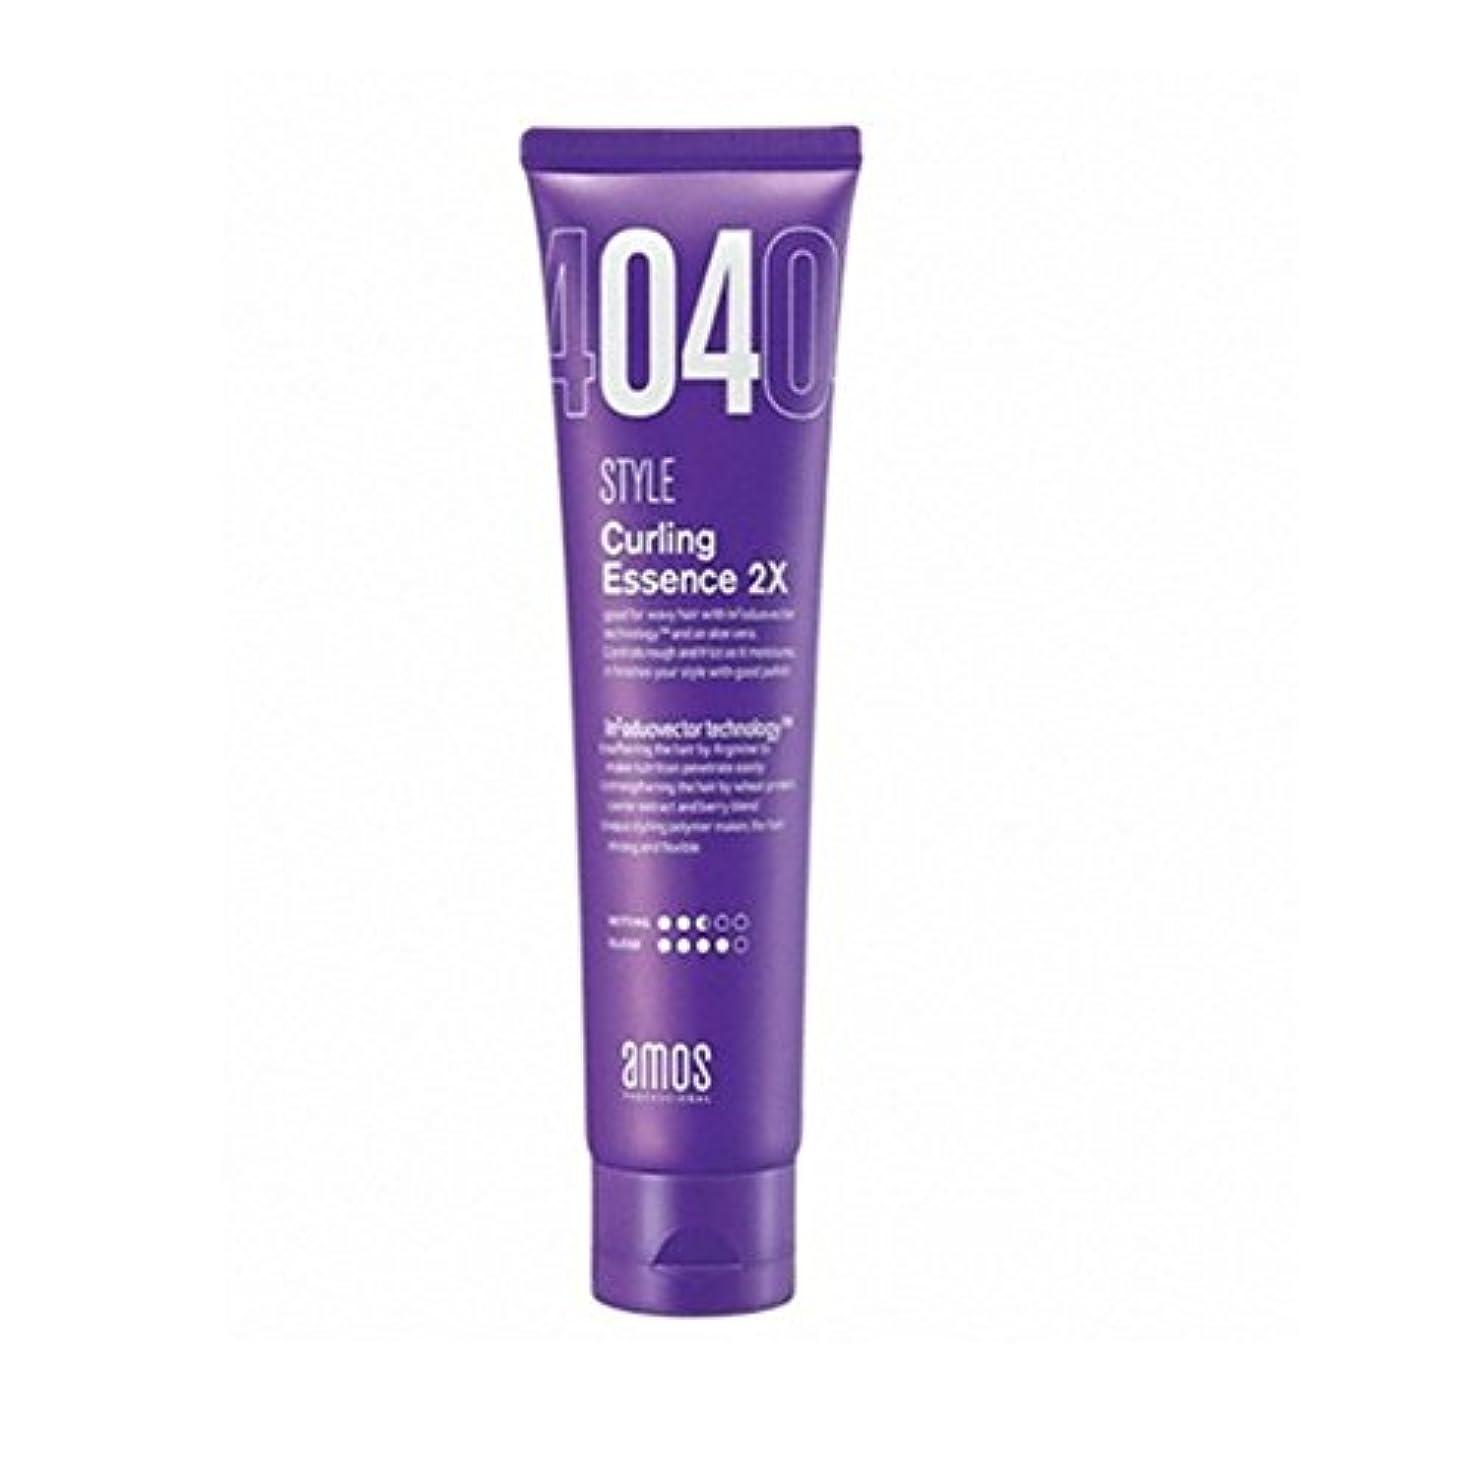 メキシコランダムしなやかAmos Hair Curling Essence 150g カーリング ヘア美容液 [並行輸入品]